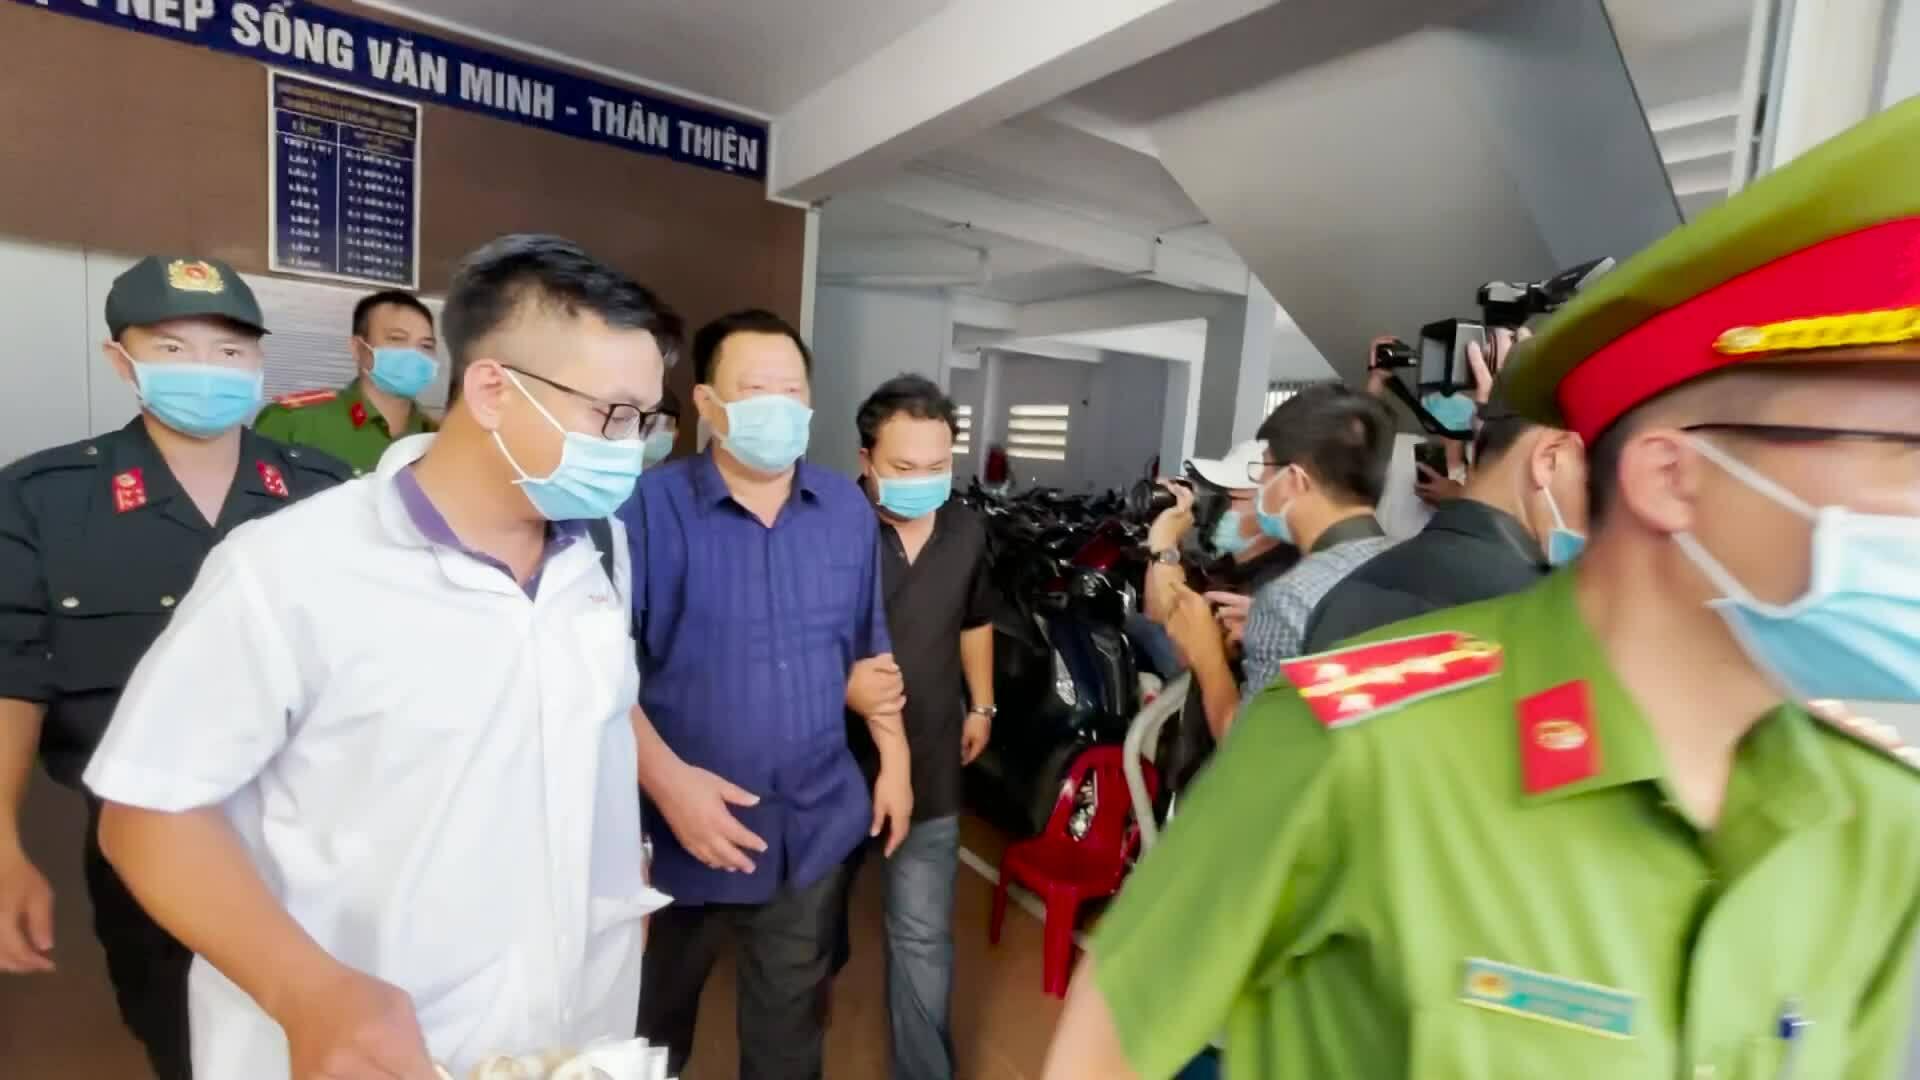 Cựu Phó chủ tịch Khánh Hòa bị bắt